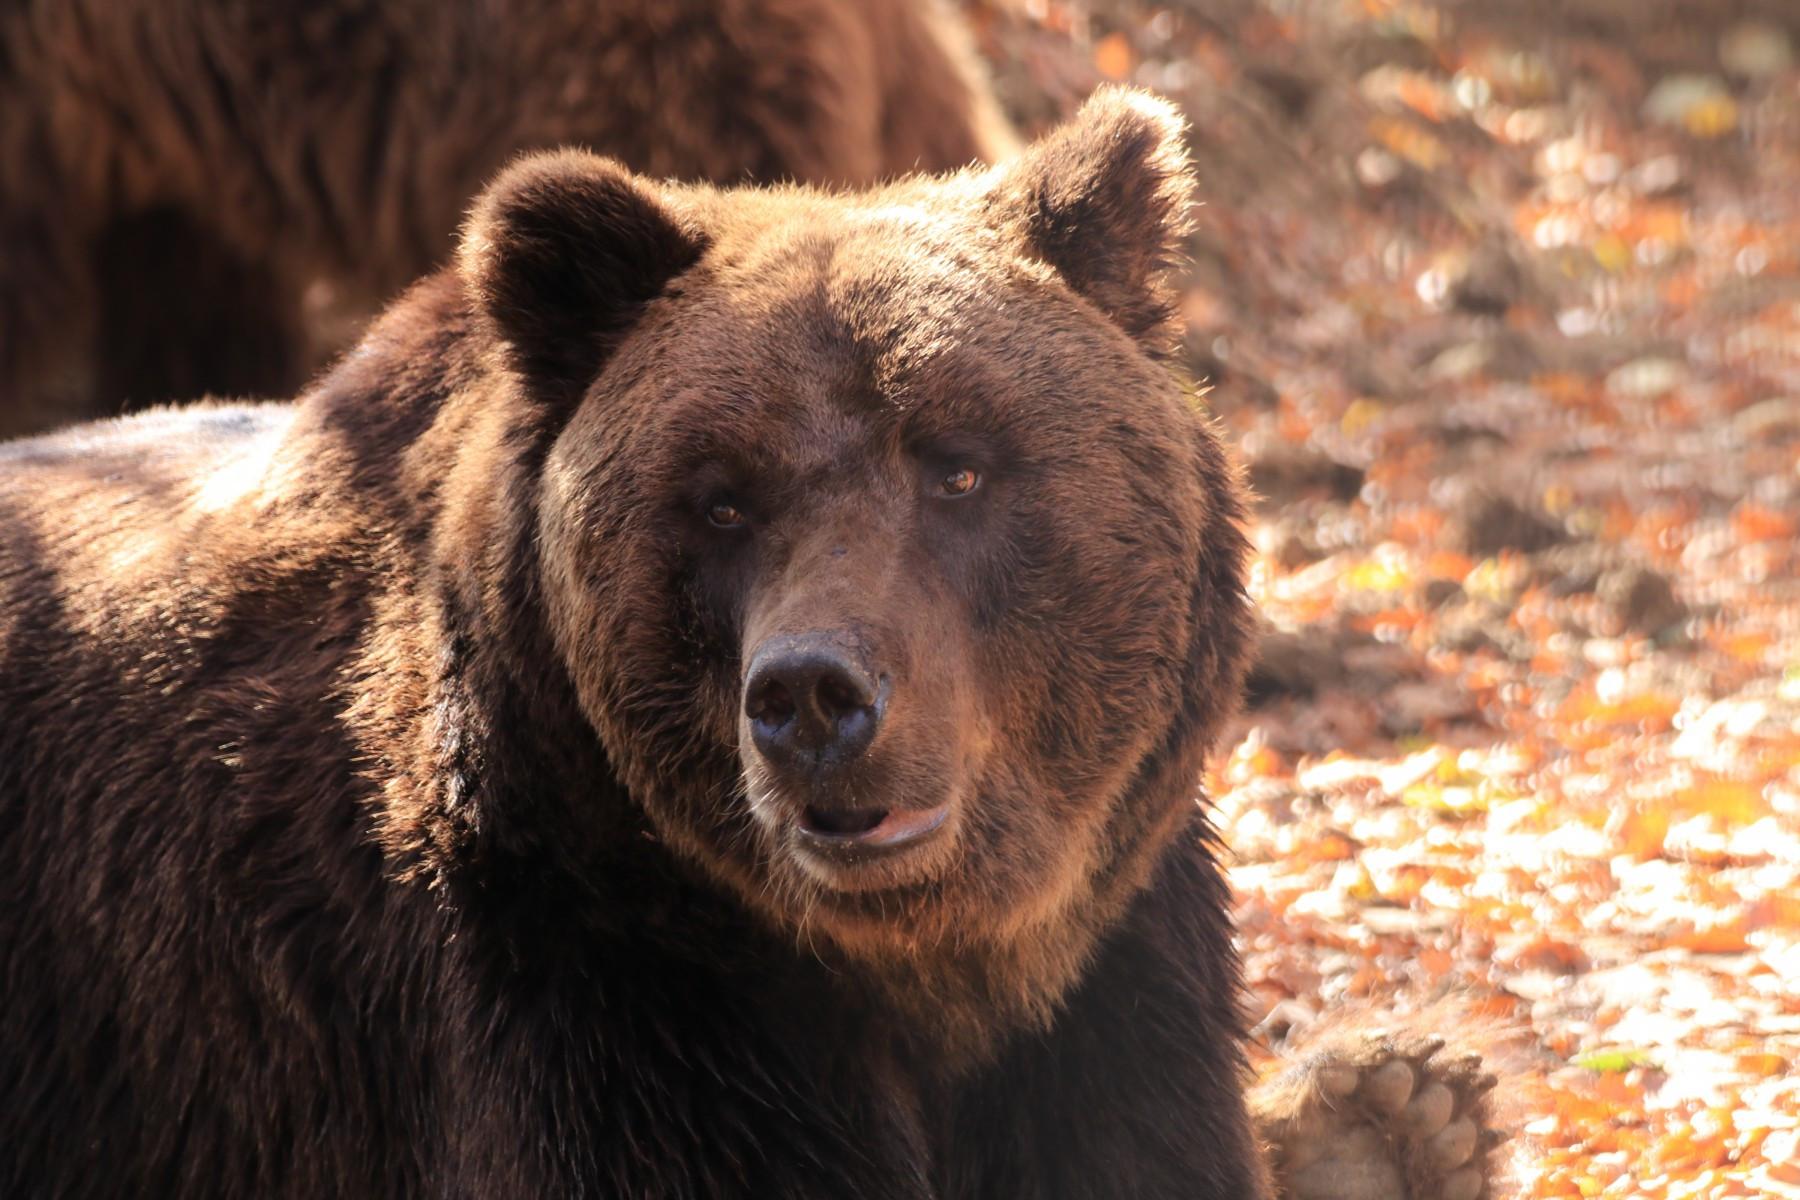 Timka, um urso marrom de 20 anos, sentado em meio à floresta do santuário Libearty